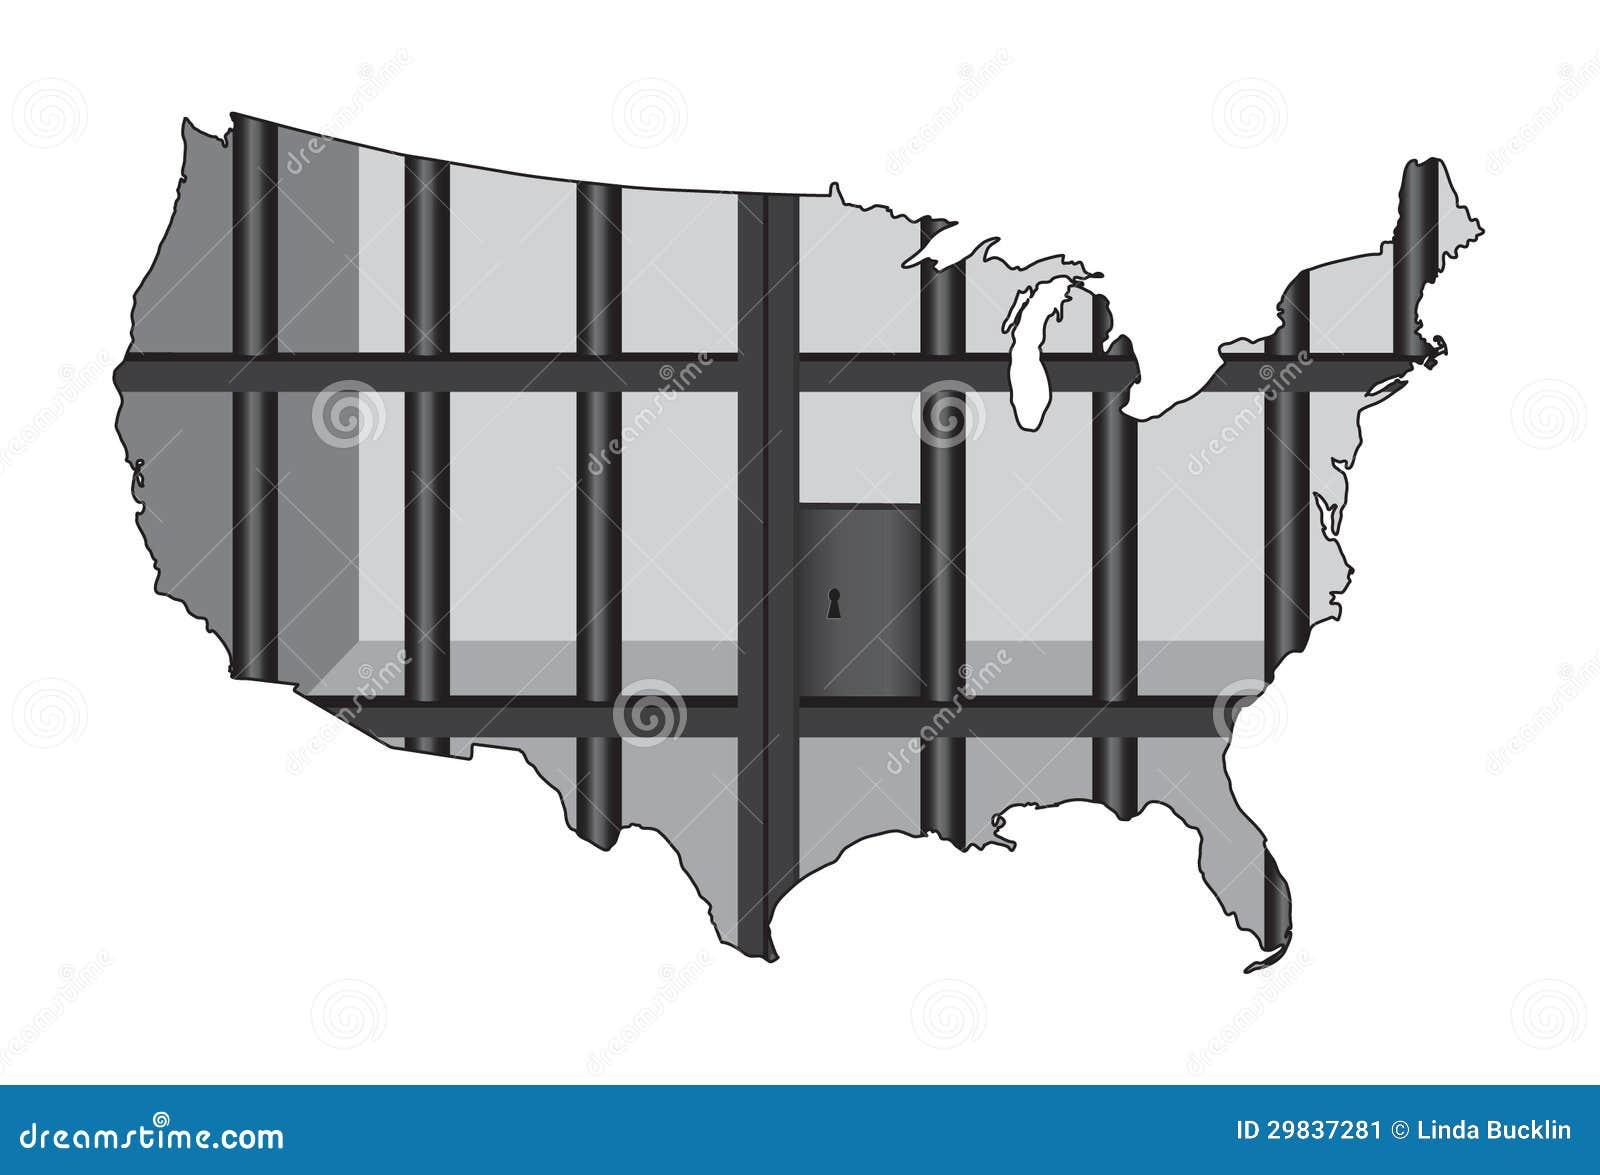 EUA - O capital da prisão do mundo